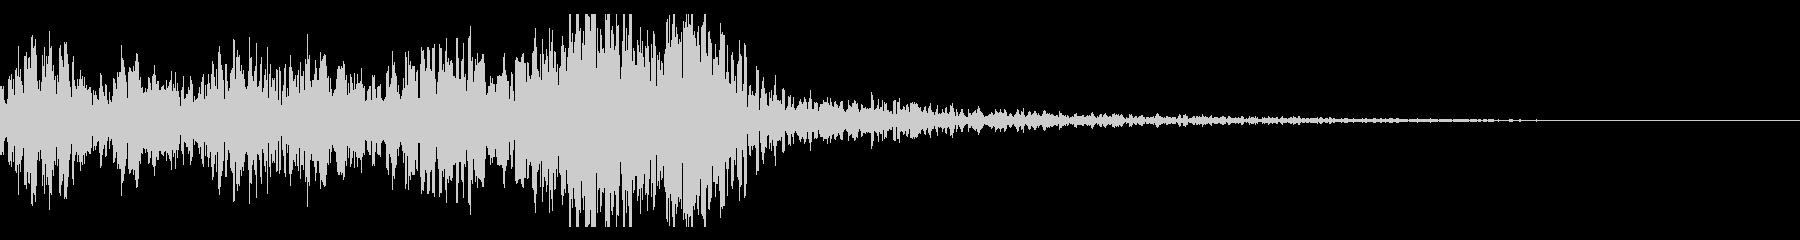 太鼓 和太鼓フレーズ ジングル ロゴ14の未再生の波形